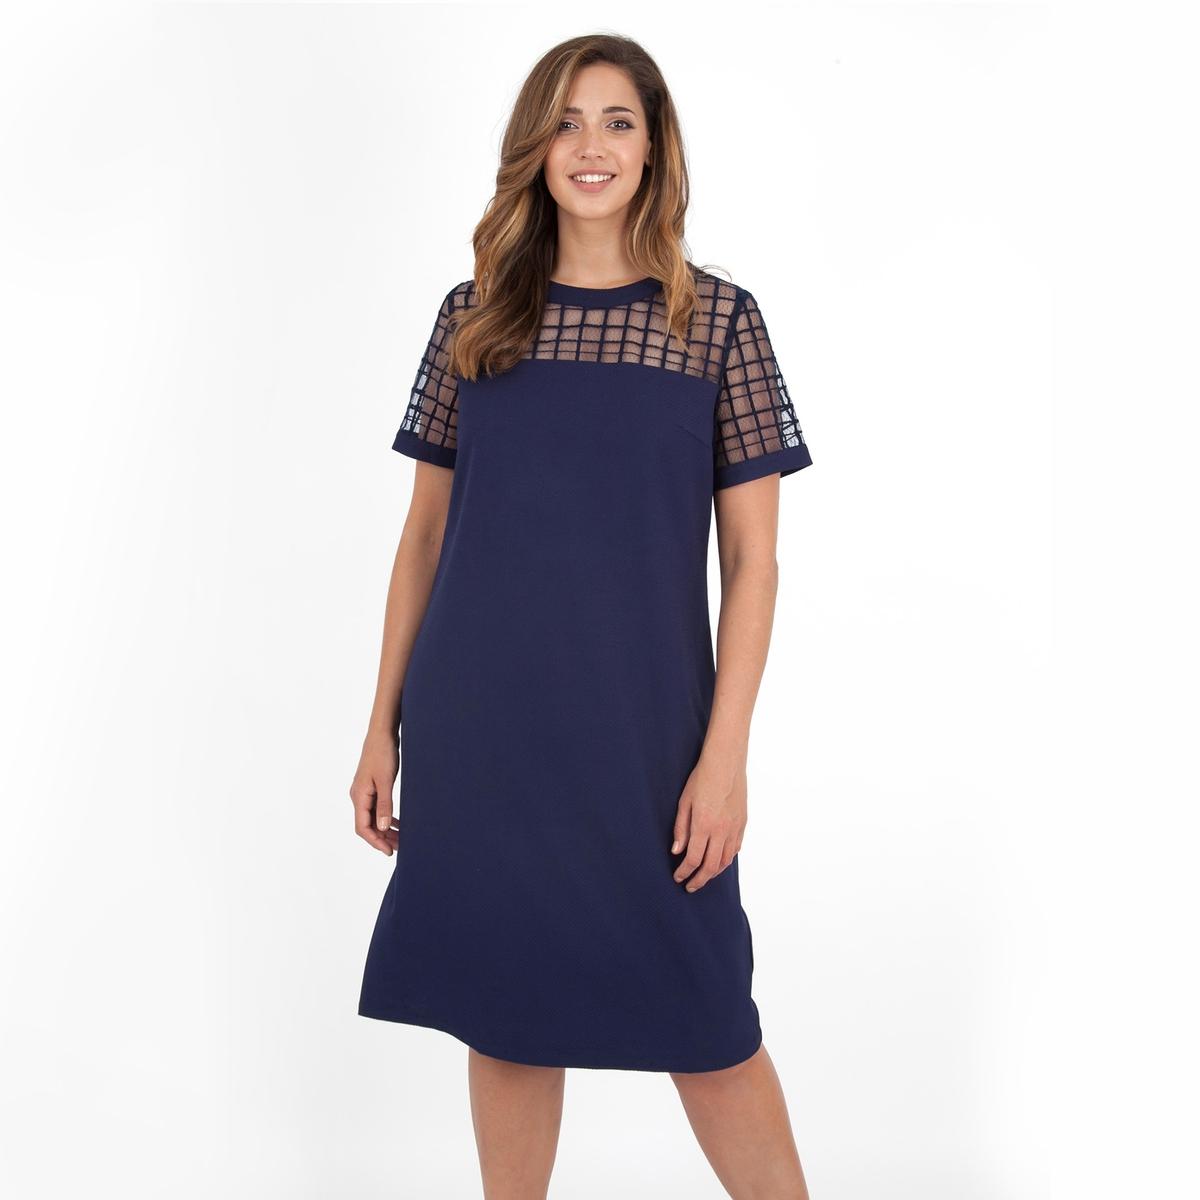 ПлатьеПлатье с короткими рукавами - LOVEDROBE.  Застежка на молнию сзади. Длина ок.104 см. 100% полиэстера.<br><br>Цвет: синий морской<br>Размер: 58/60 (FR) - 64/66 (RUS).46 (FR) - 52 (RUS)